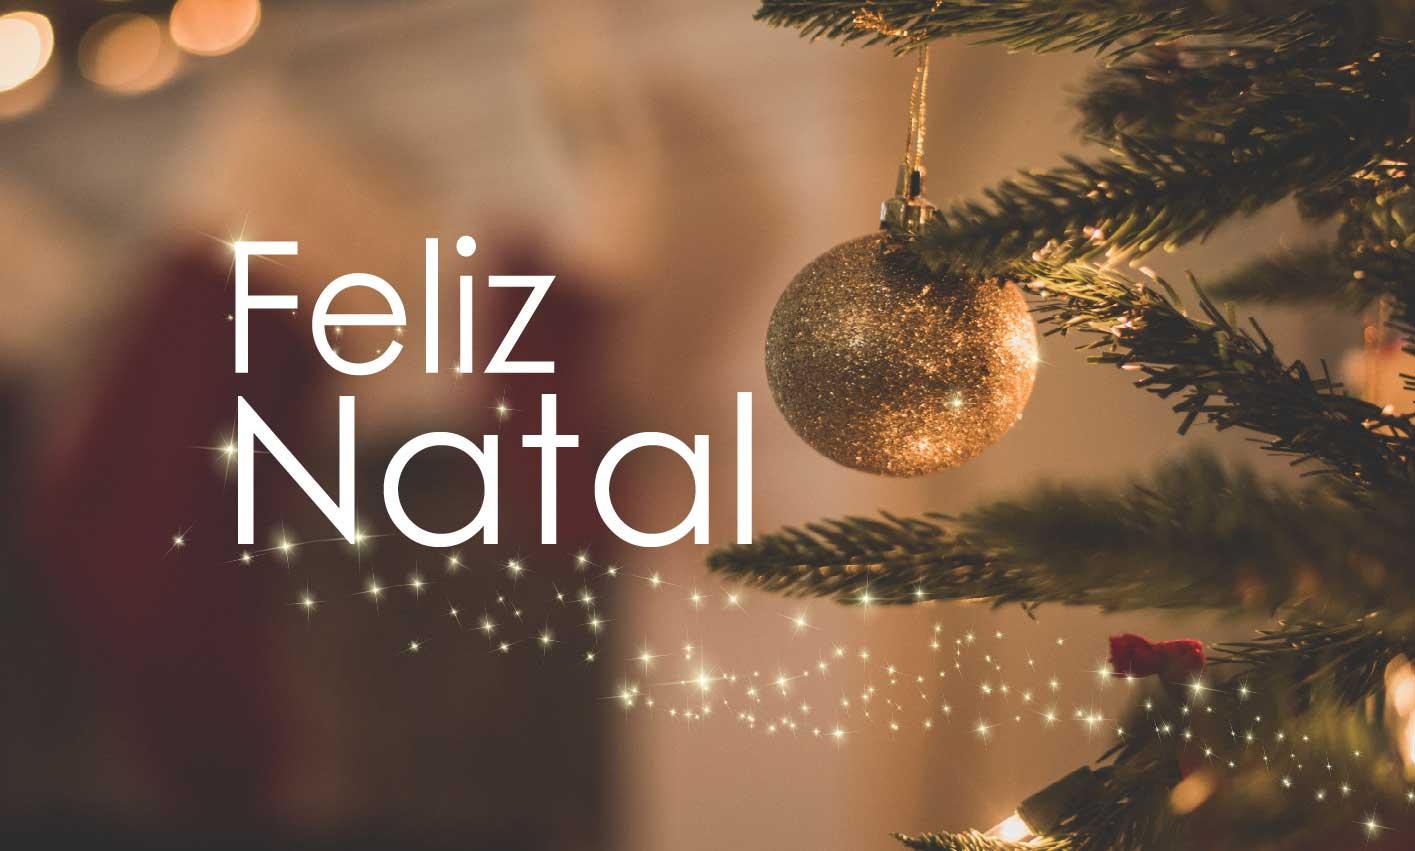 Texto Feliz Natal sobre foto de árvore de Natal e bola